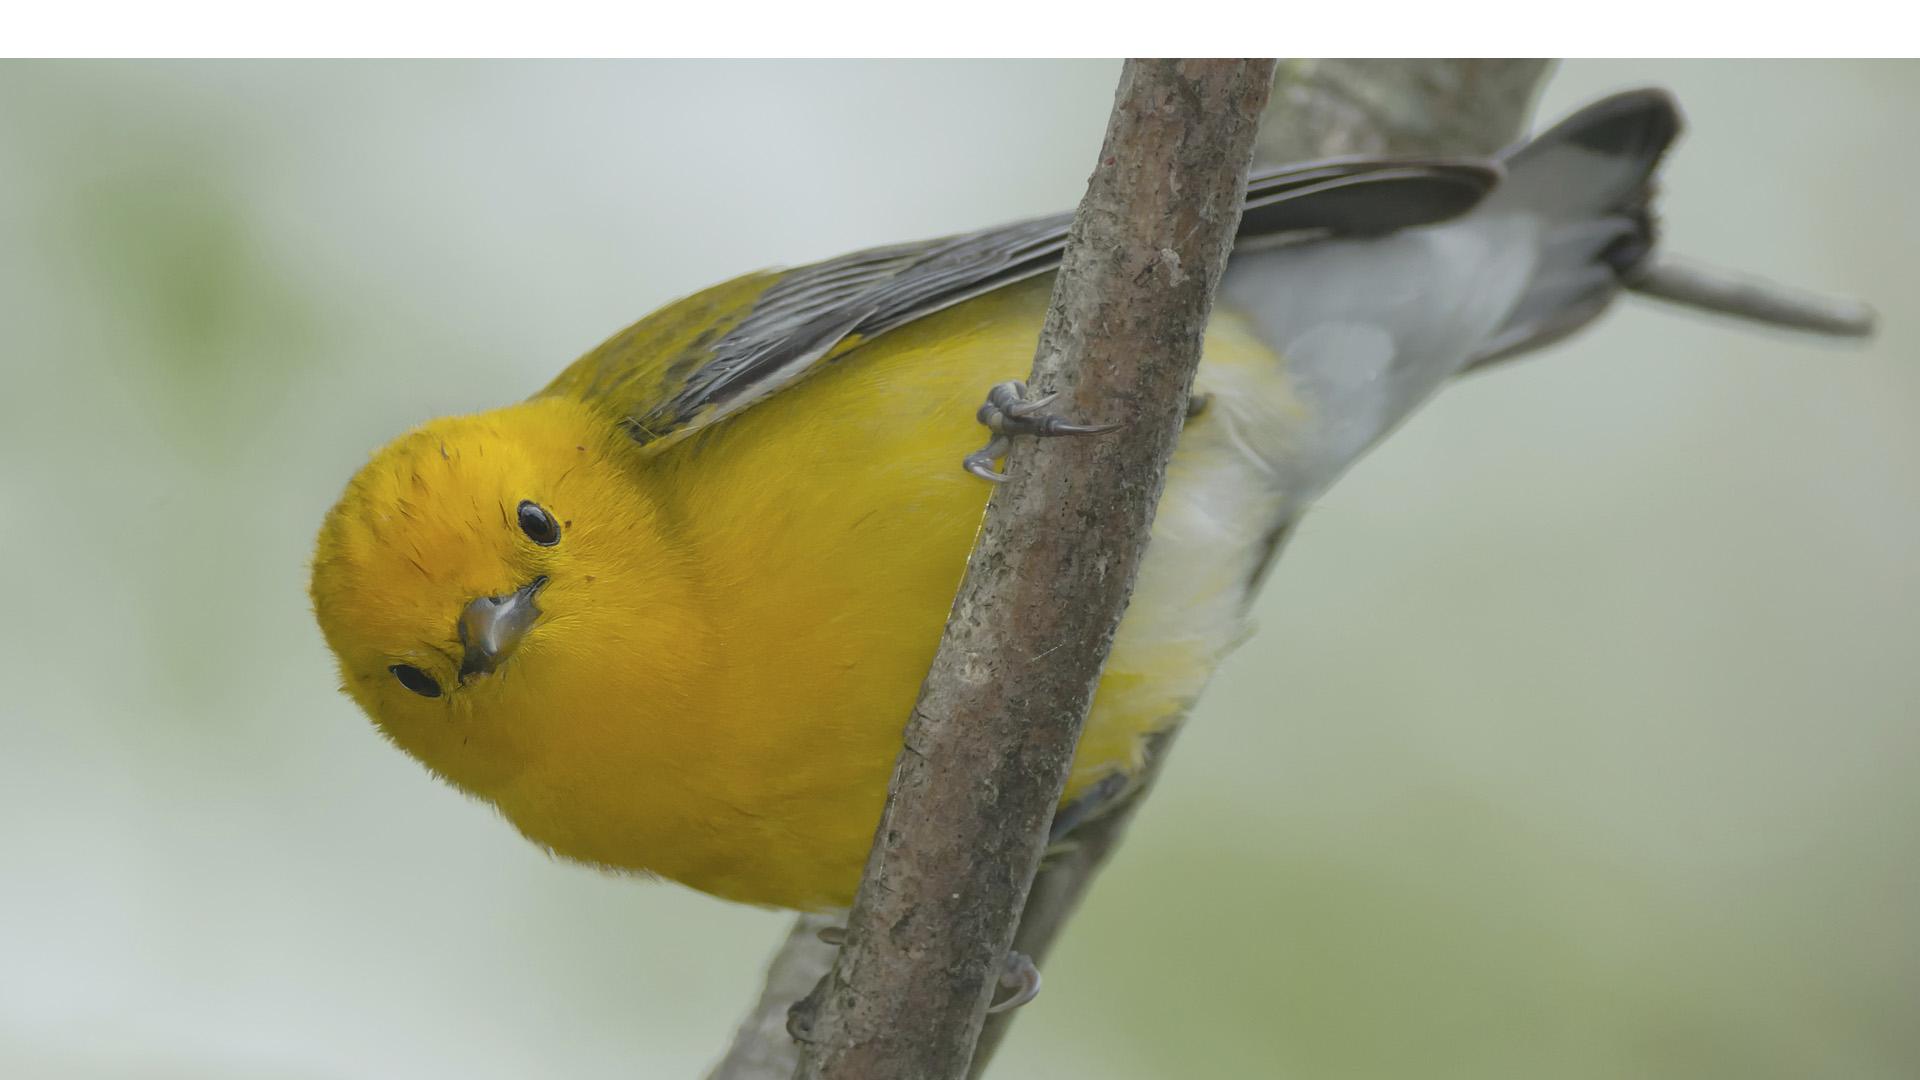 """Las aves controlan a nivel molecular el material del que están hechas sus plumas regulando la luz que refleja evitando así """"las canas"""""""